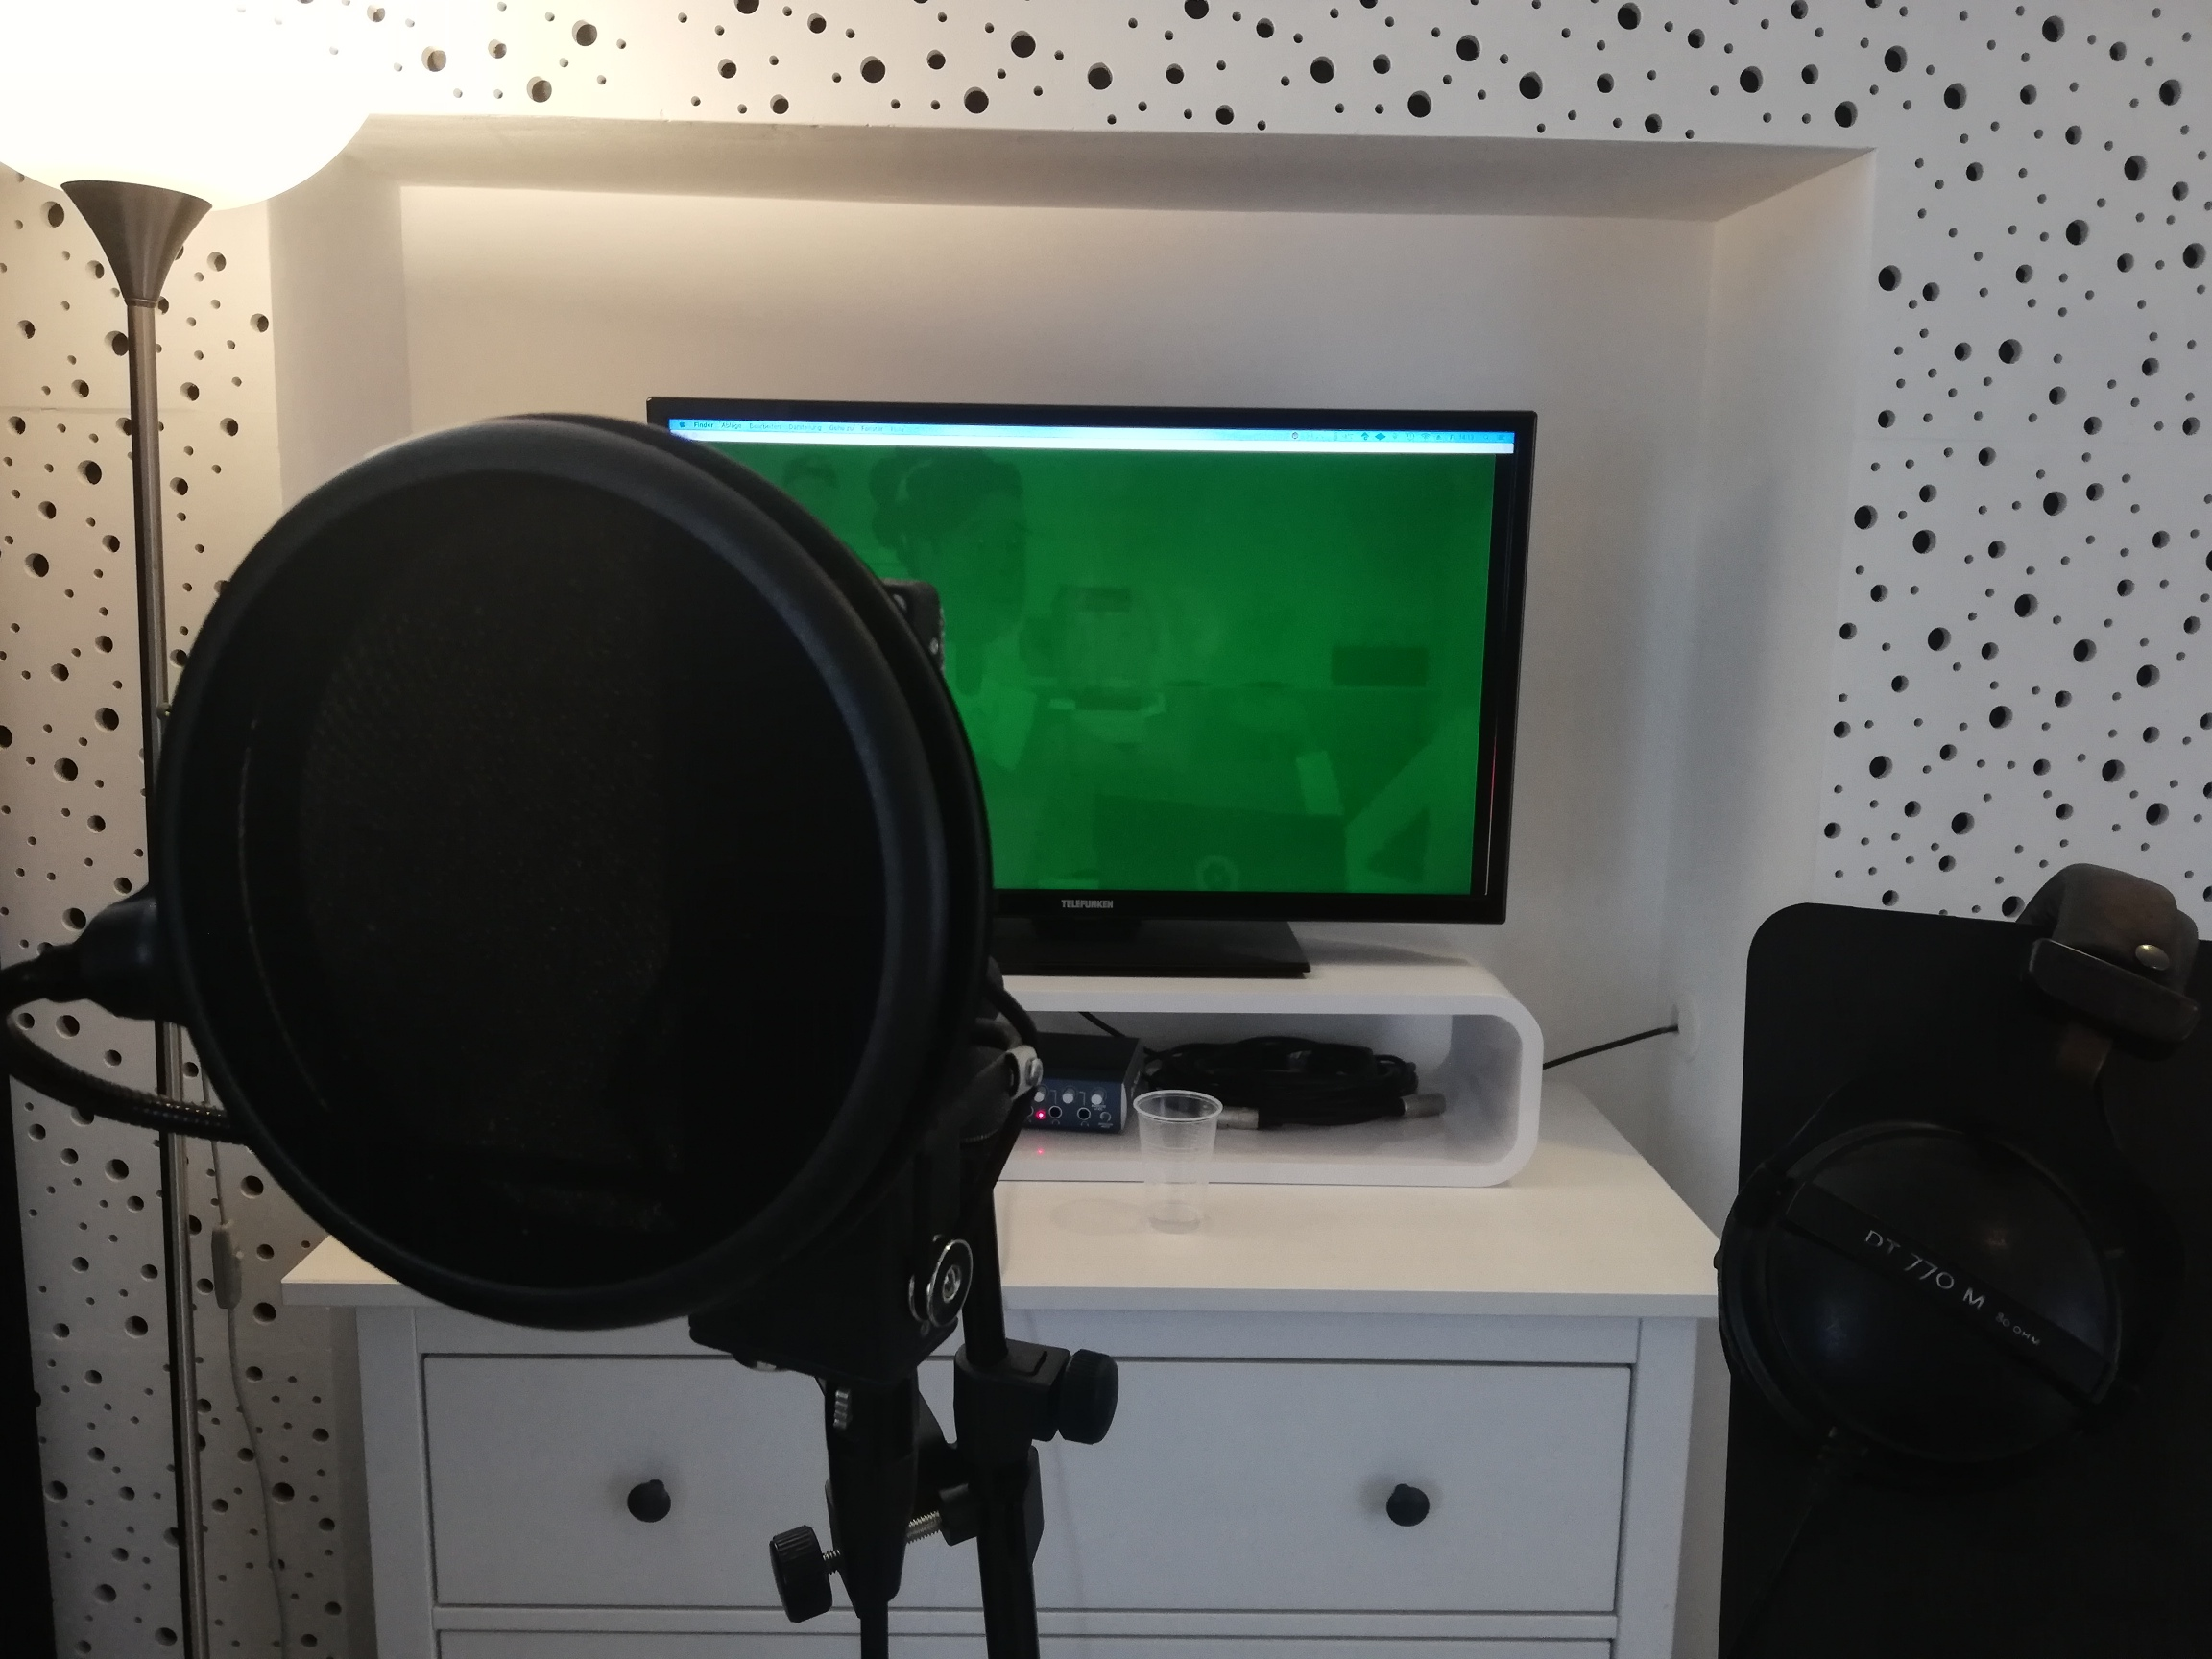 In the studio at MEDIA FABRIK